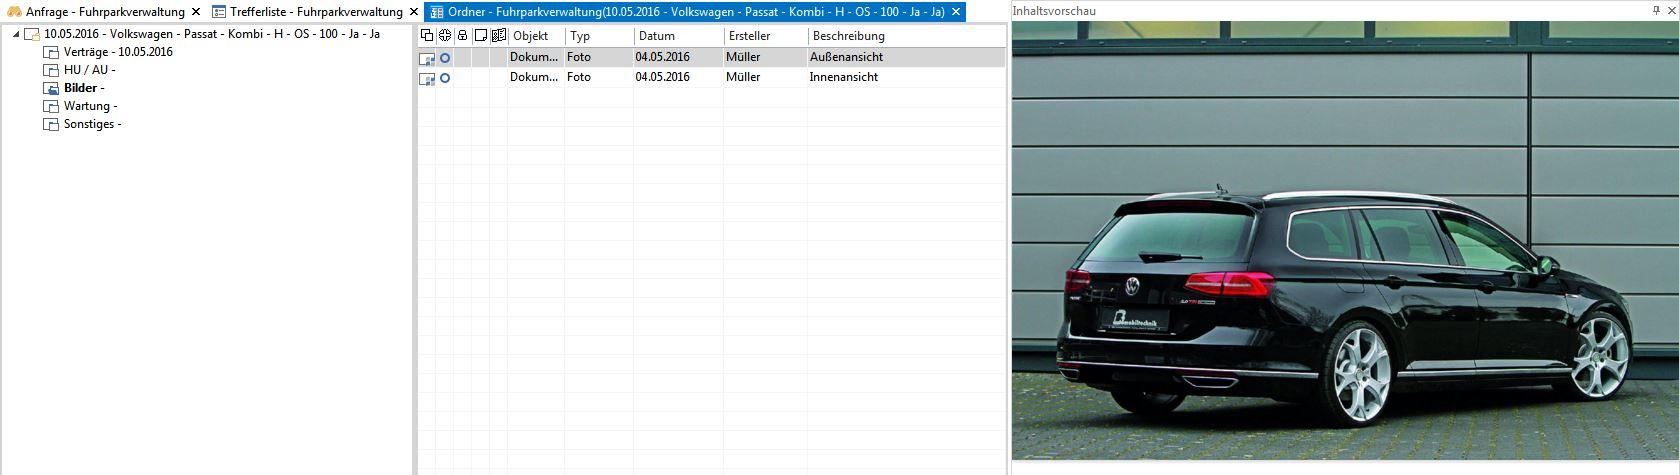 enaio® Fahrzeugverwaltung Ordneransicht